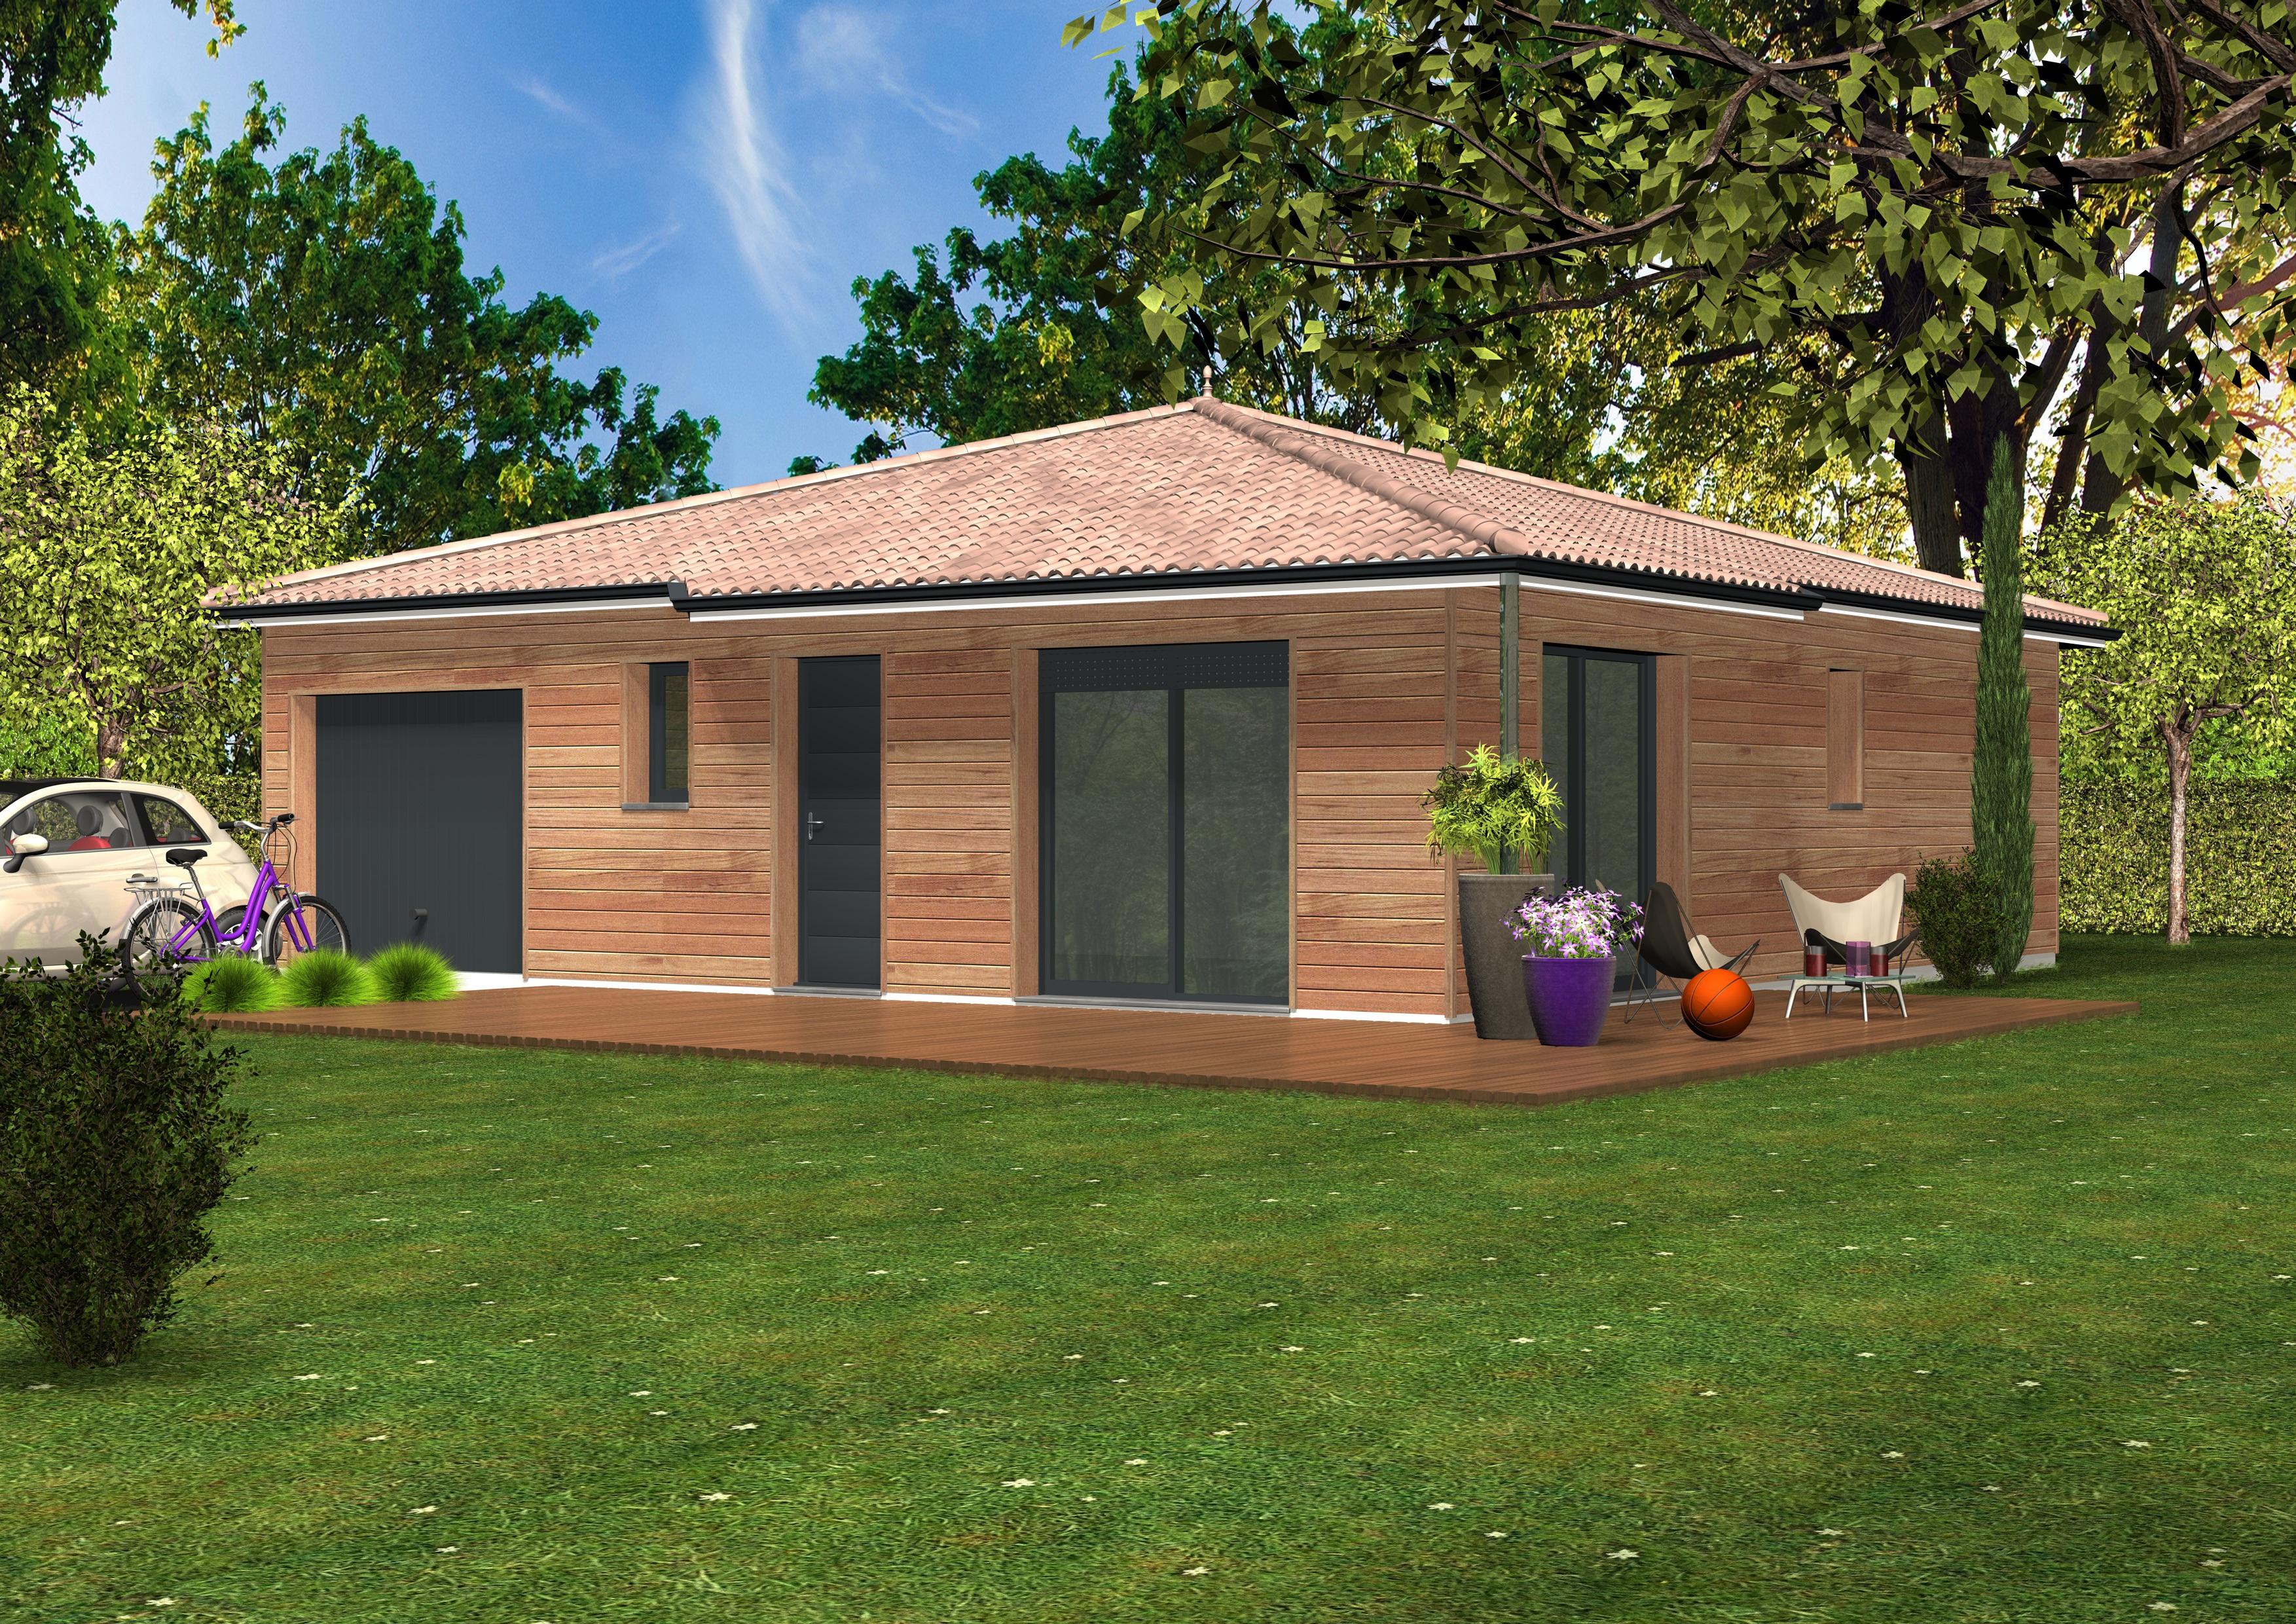 Maison en bois habitable 100m2 segu maison for Constructeur maison 33